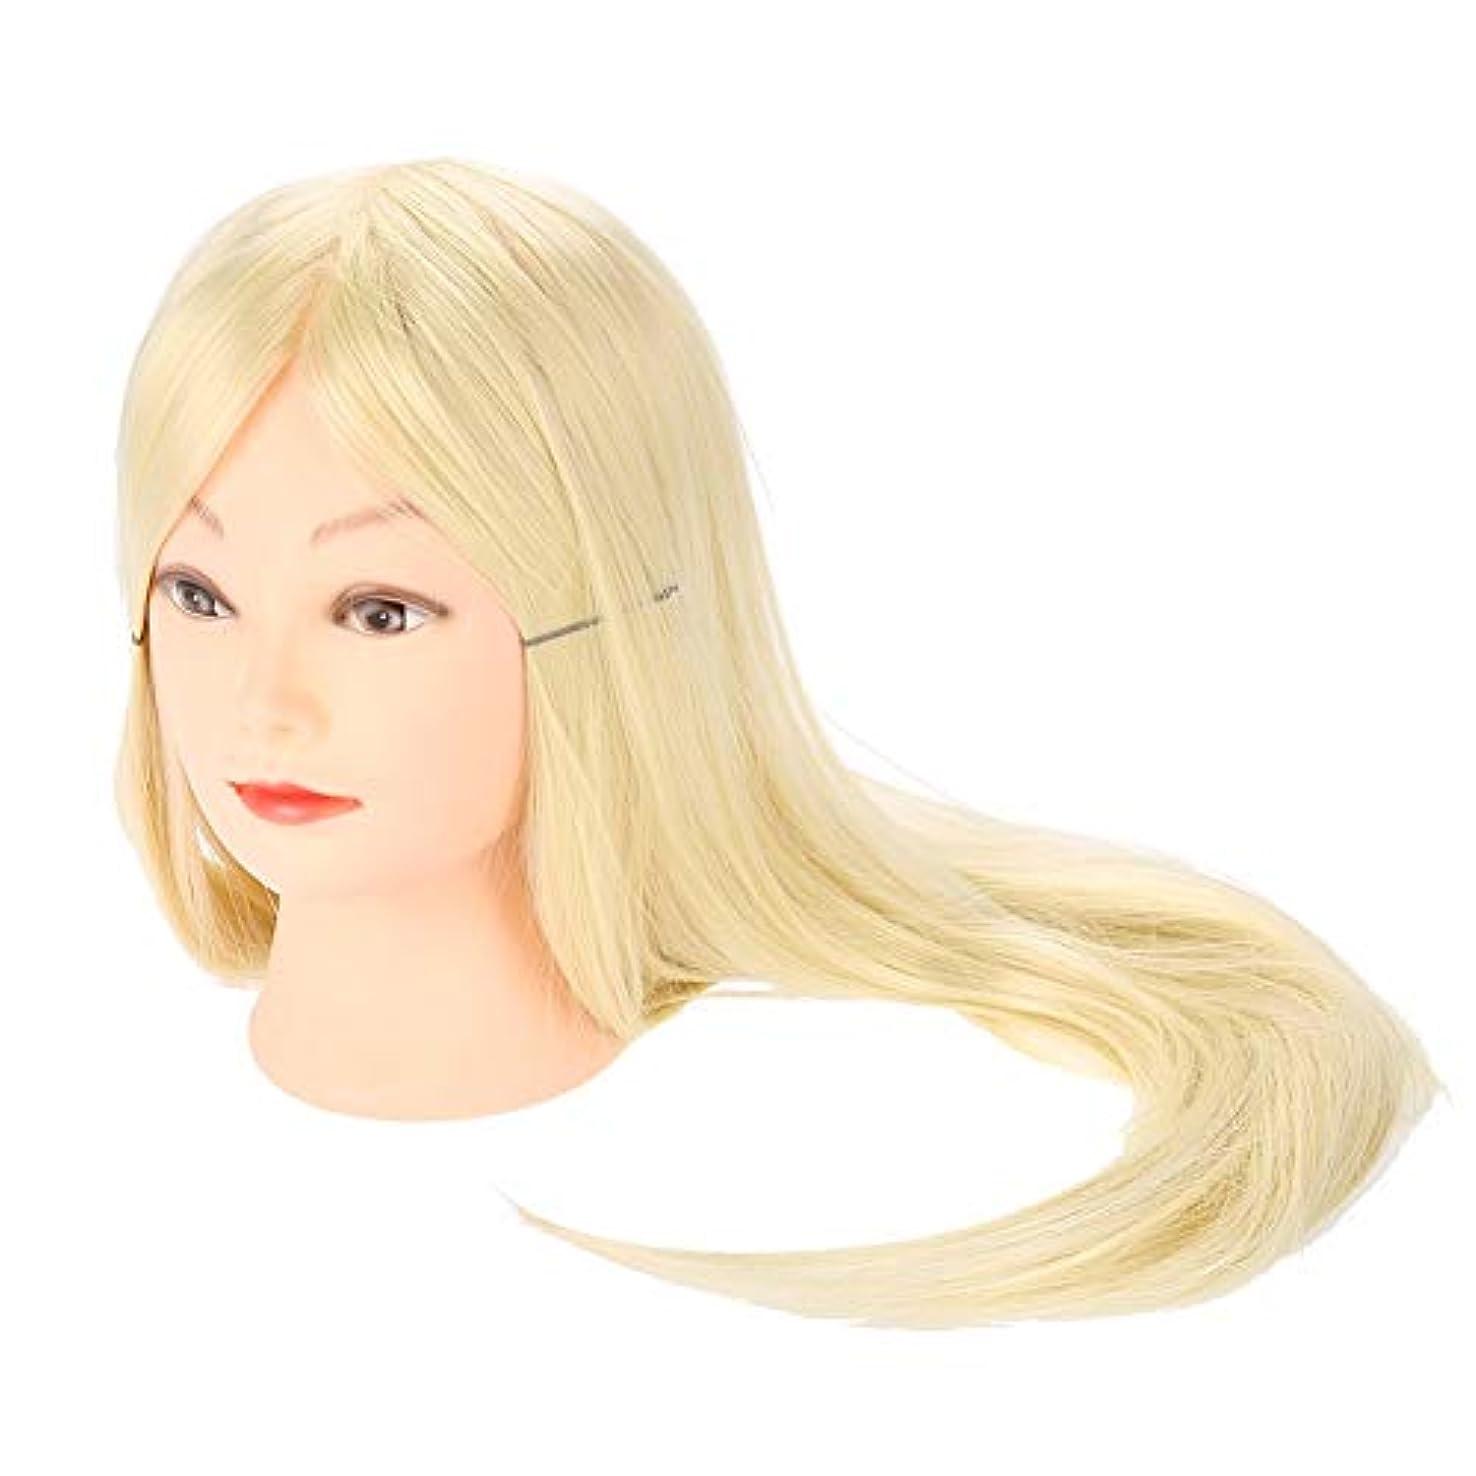 ハーブよろめく役に立たない編み込み練習用 モデルロングヘア理髪 編組セットツール 美容室サロン ウィッグマネキンヘッド メイクトレーニング用 ヘア編み込み ダミーヘッド レディウィッグ レディー